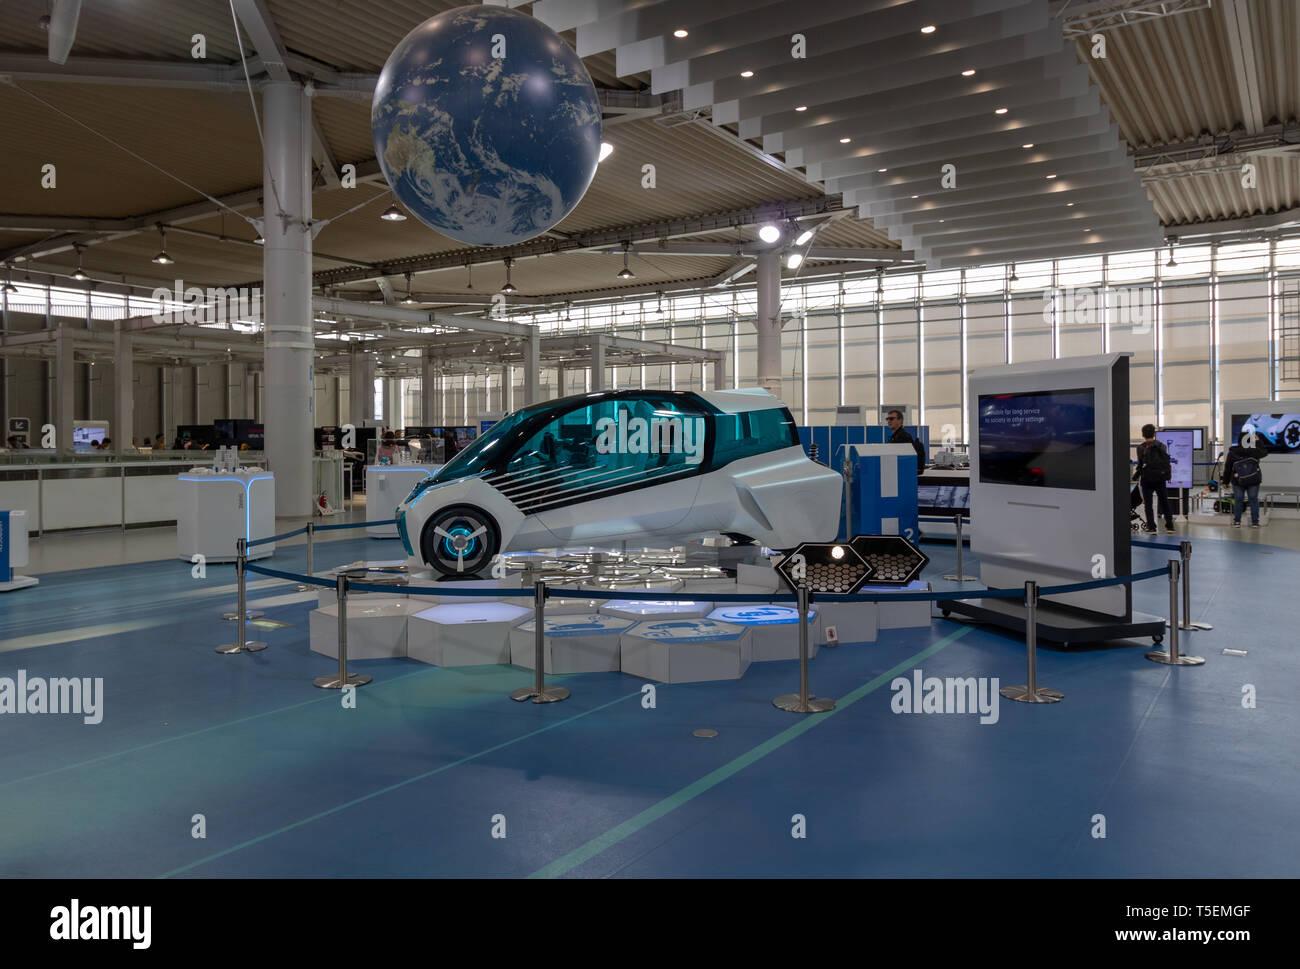 Los nuevos modelos de automóviles Toyota fueron absolutamente dejarán boquiabierto, incluso para alguien que no es un gran entusiasta de los coches. Imagen De Stock